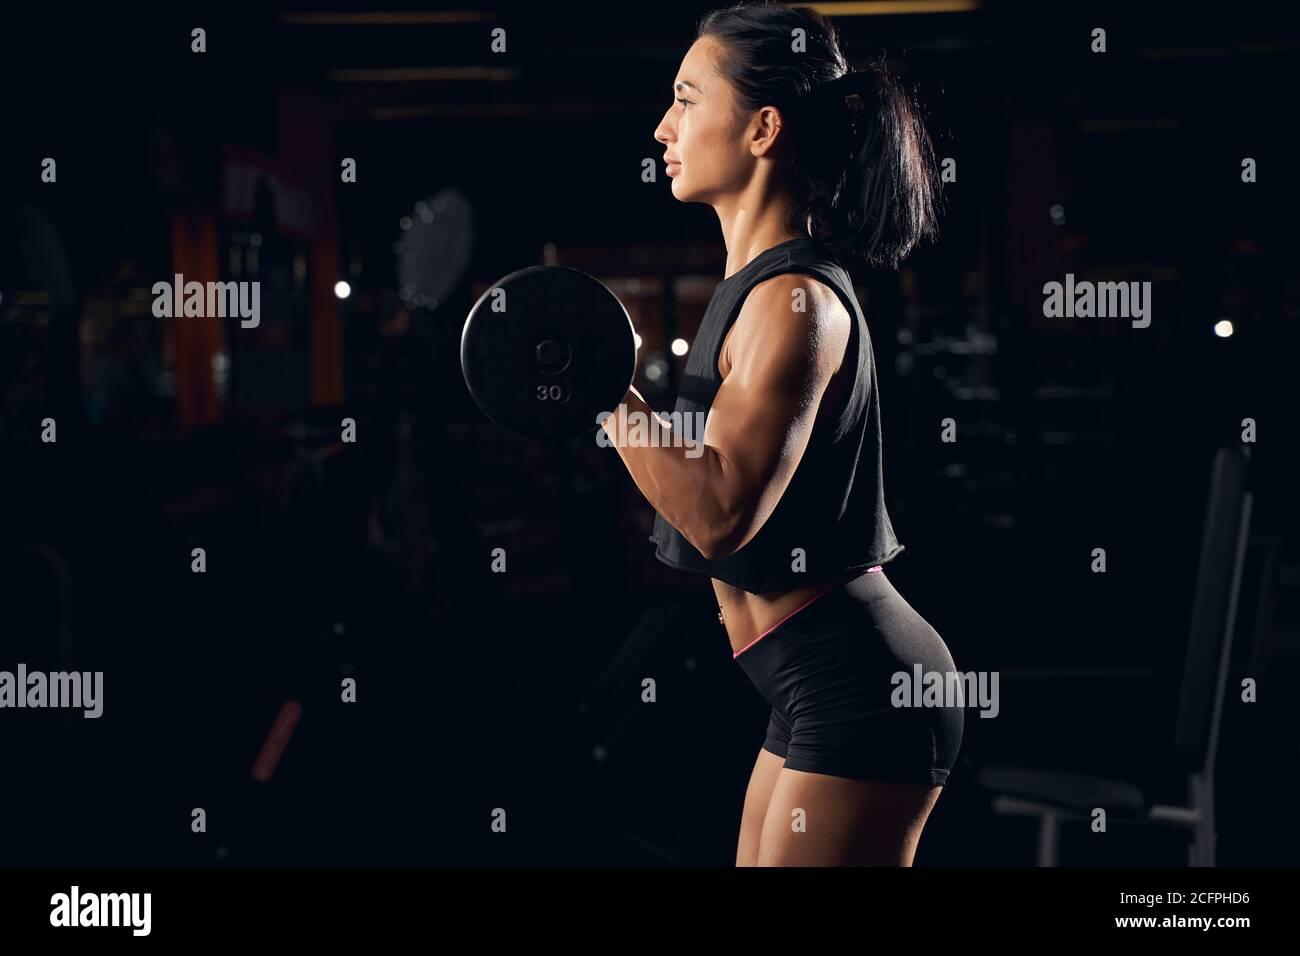 Pesas deportivas para levantar pesas en el gimnasio Foto de stock